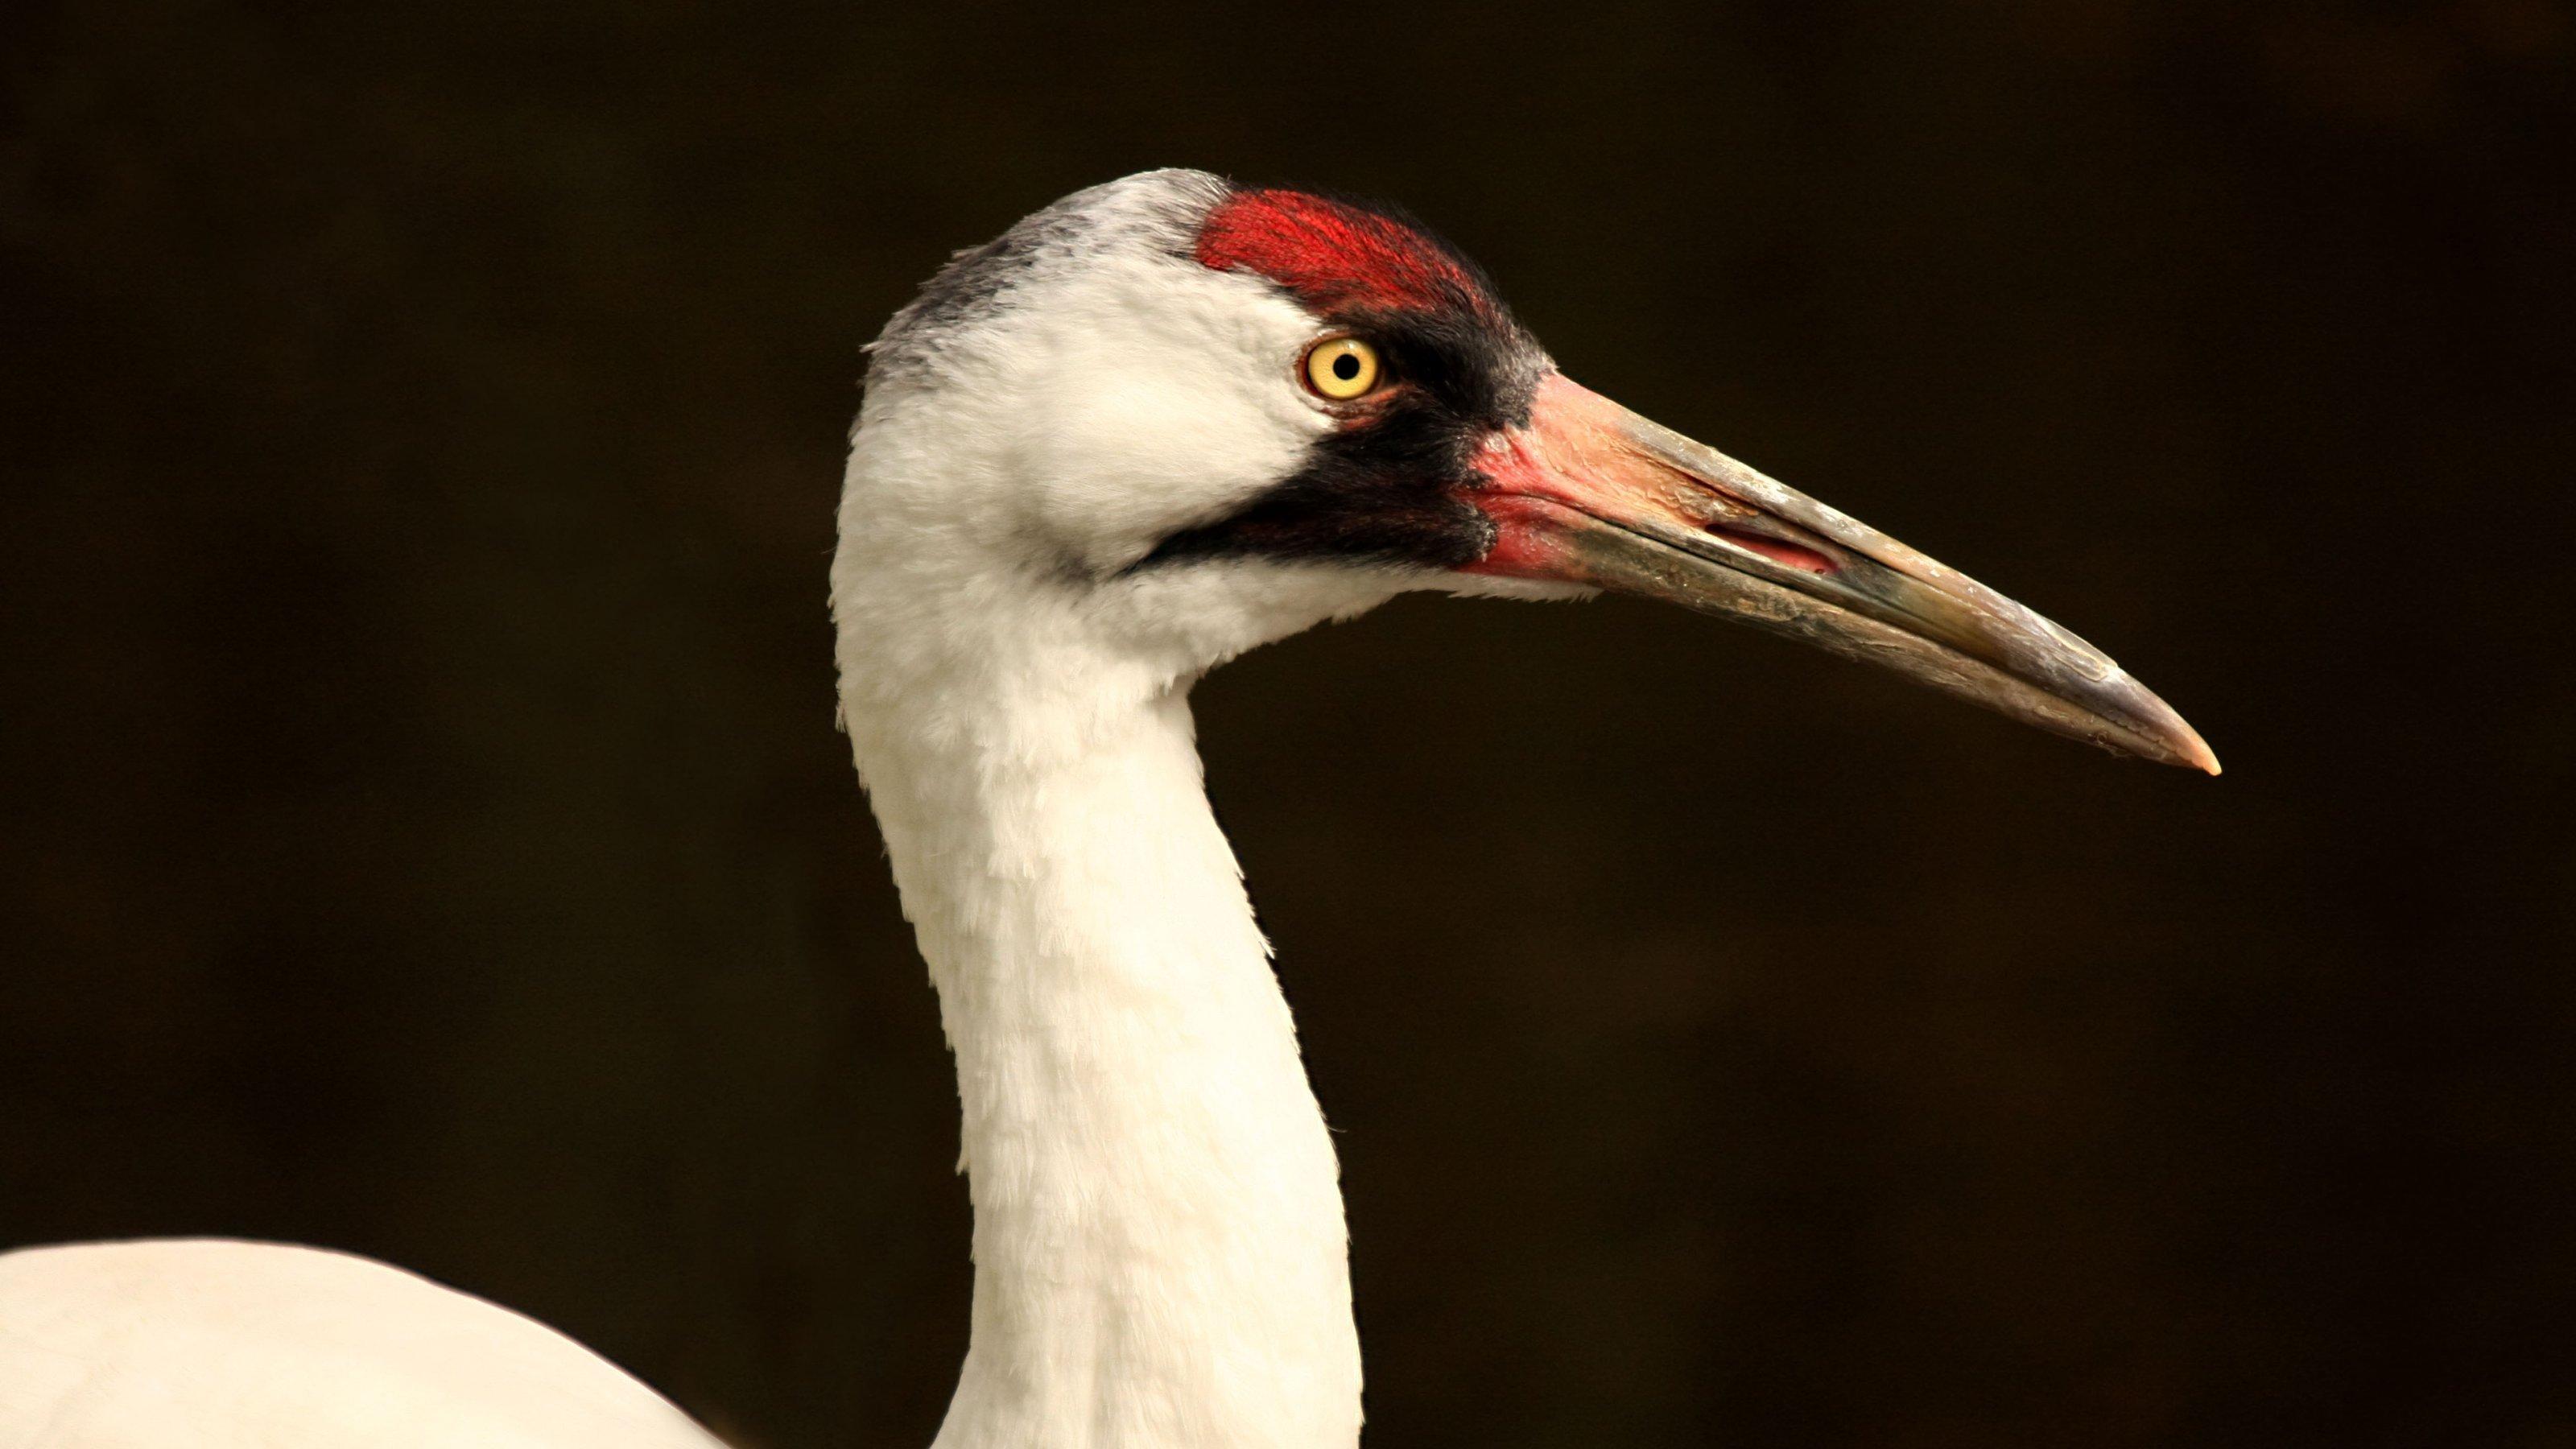 Die Nahaufnahme zeigt den Vogel von der Seite. Er hat einen S-förmigen Hals und einen sehr langen Schnabel.